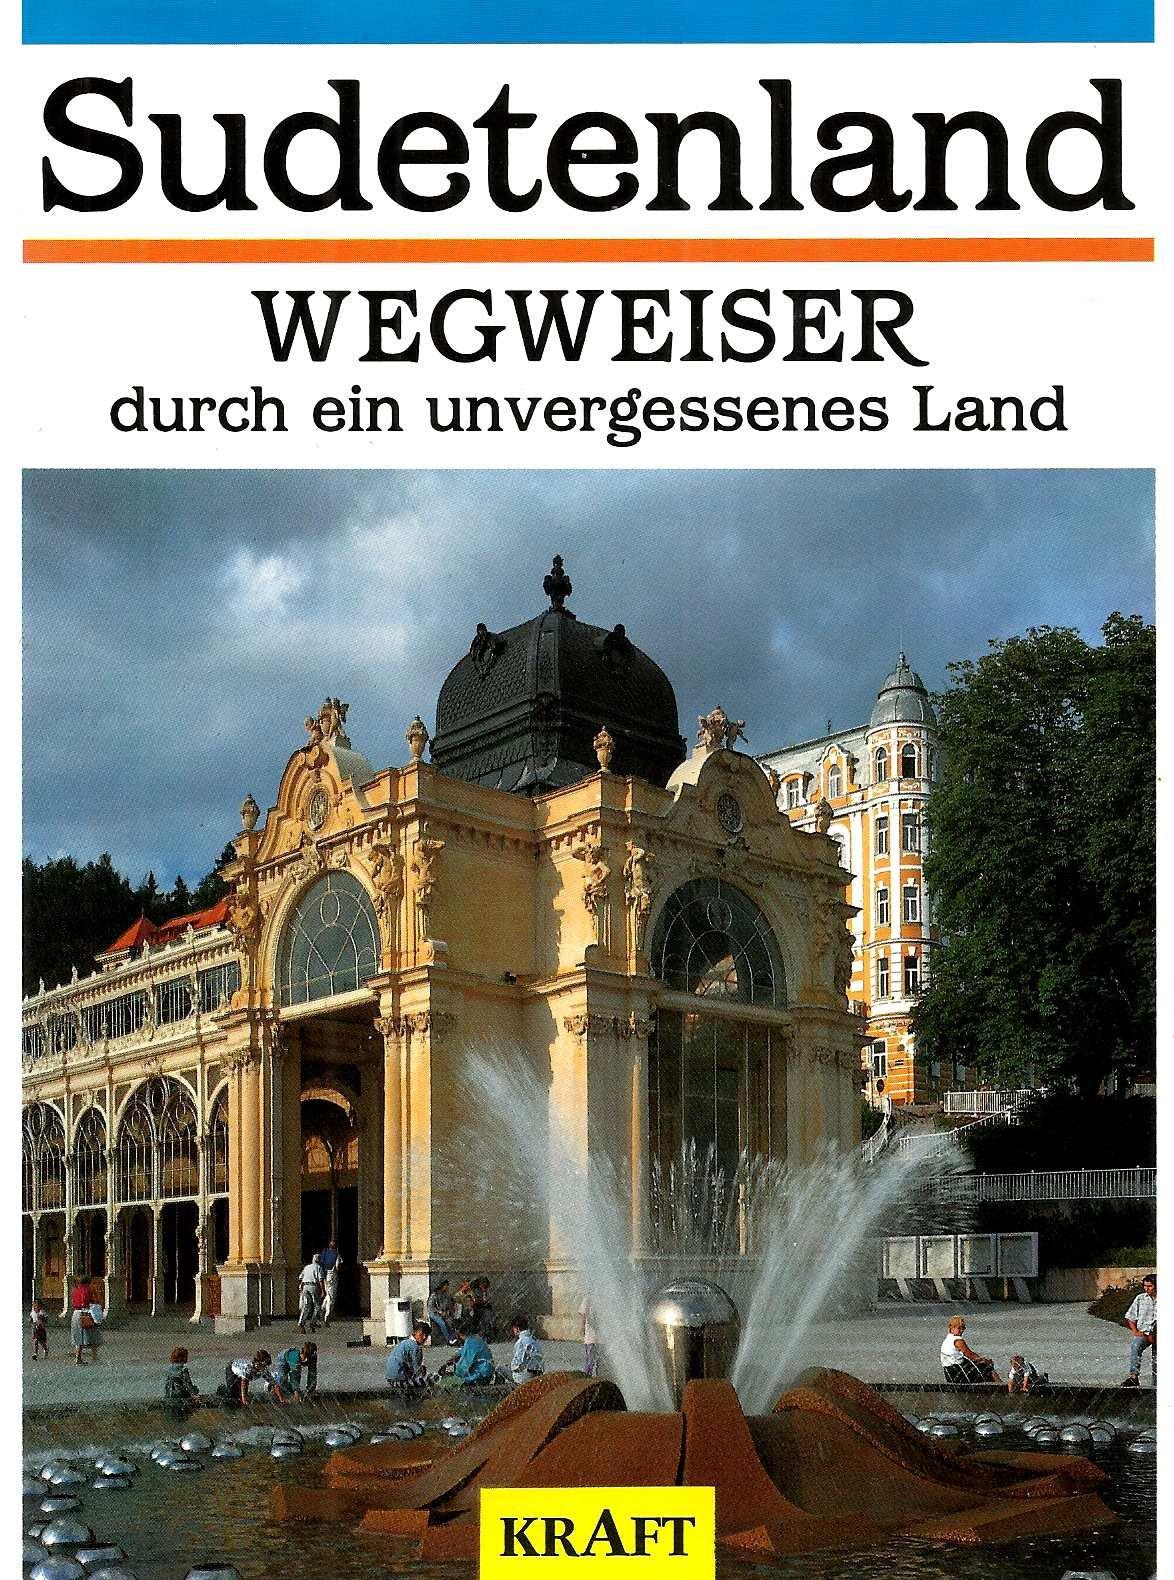 Sudetenland - Wegweiser durch ein unvergessenes Land